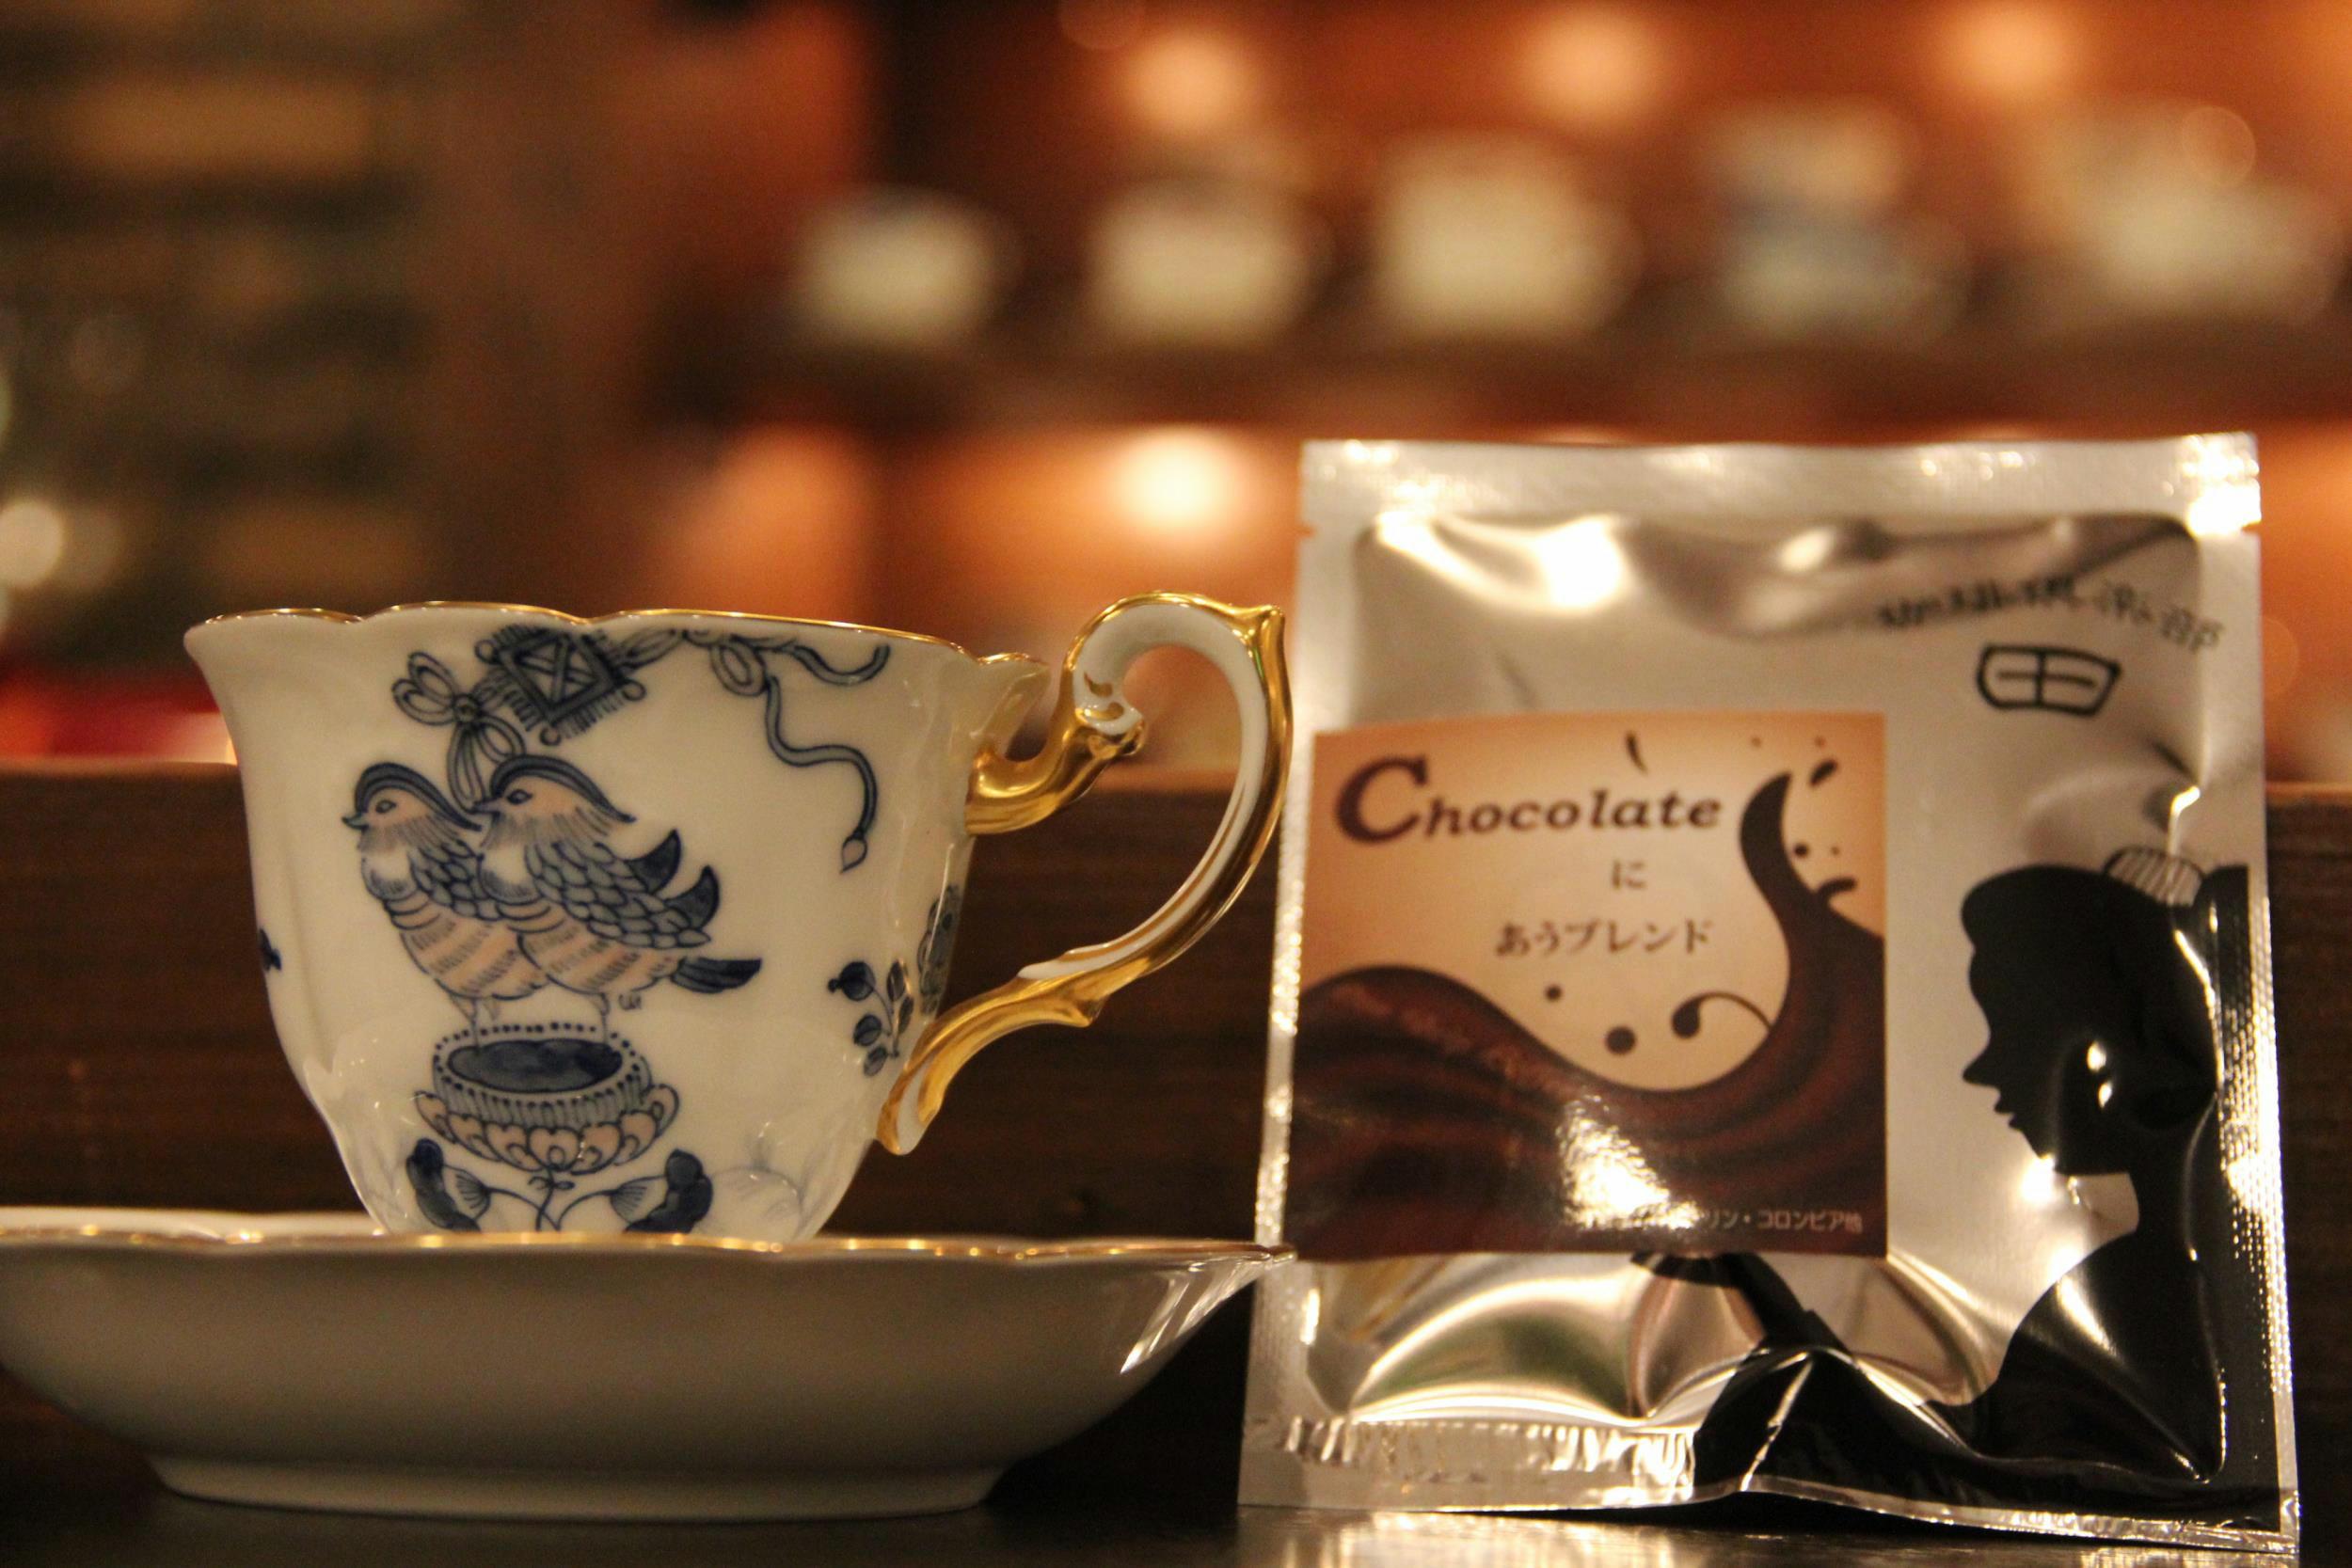 【シーンに合わせたスタイル珈琲】 チョコレートに合うブレンド